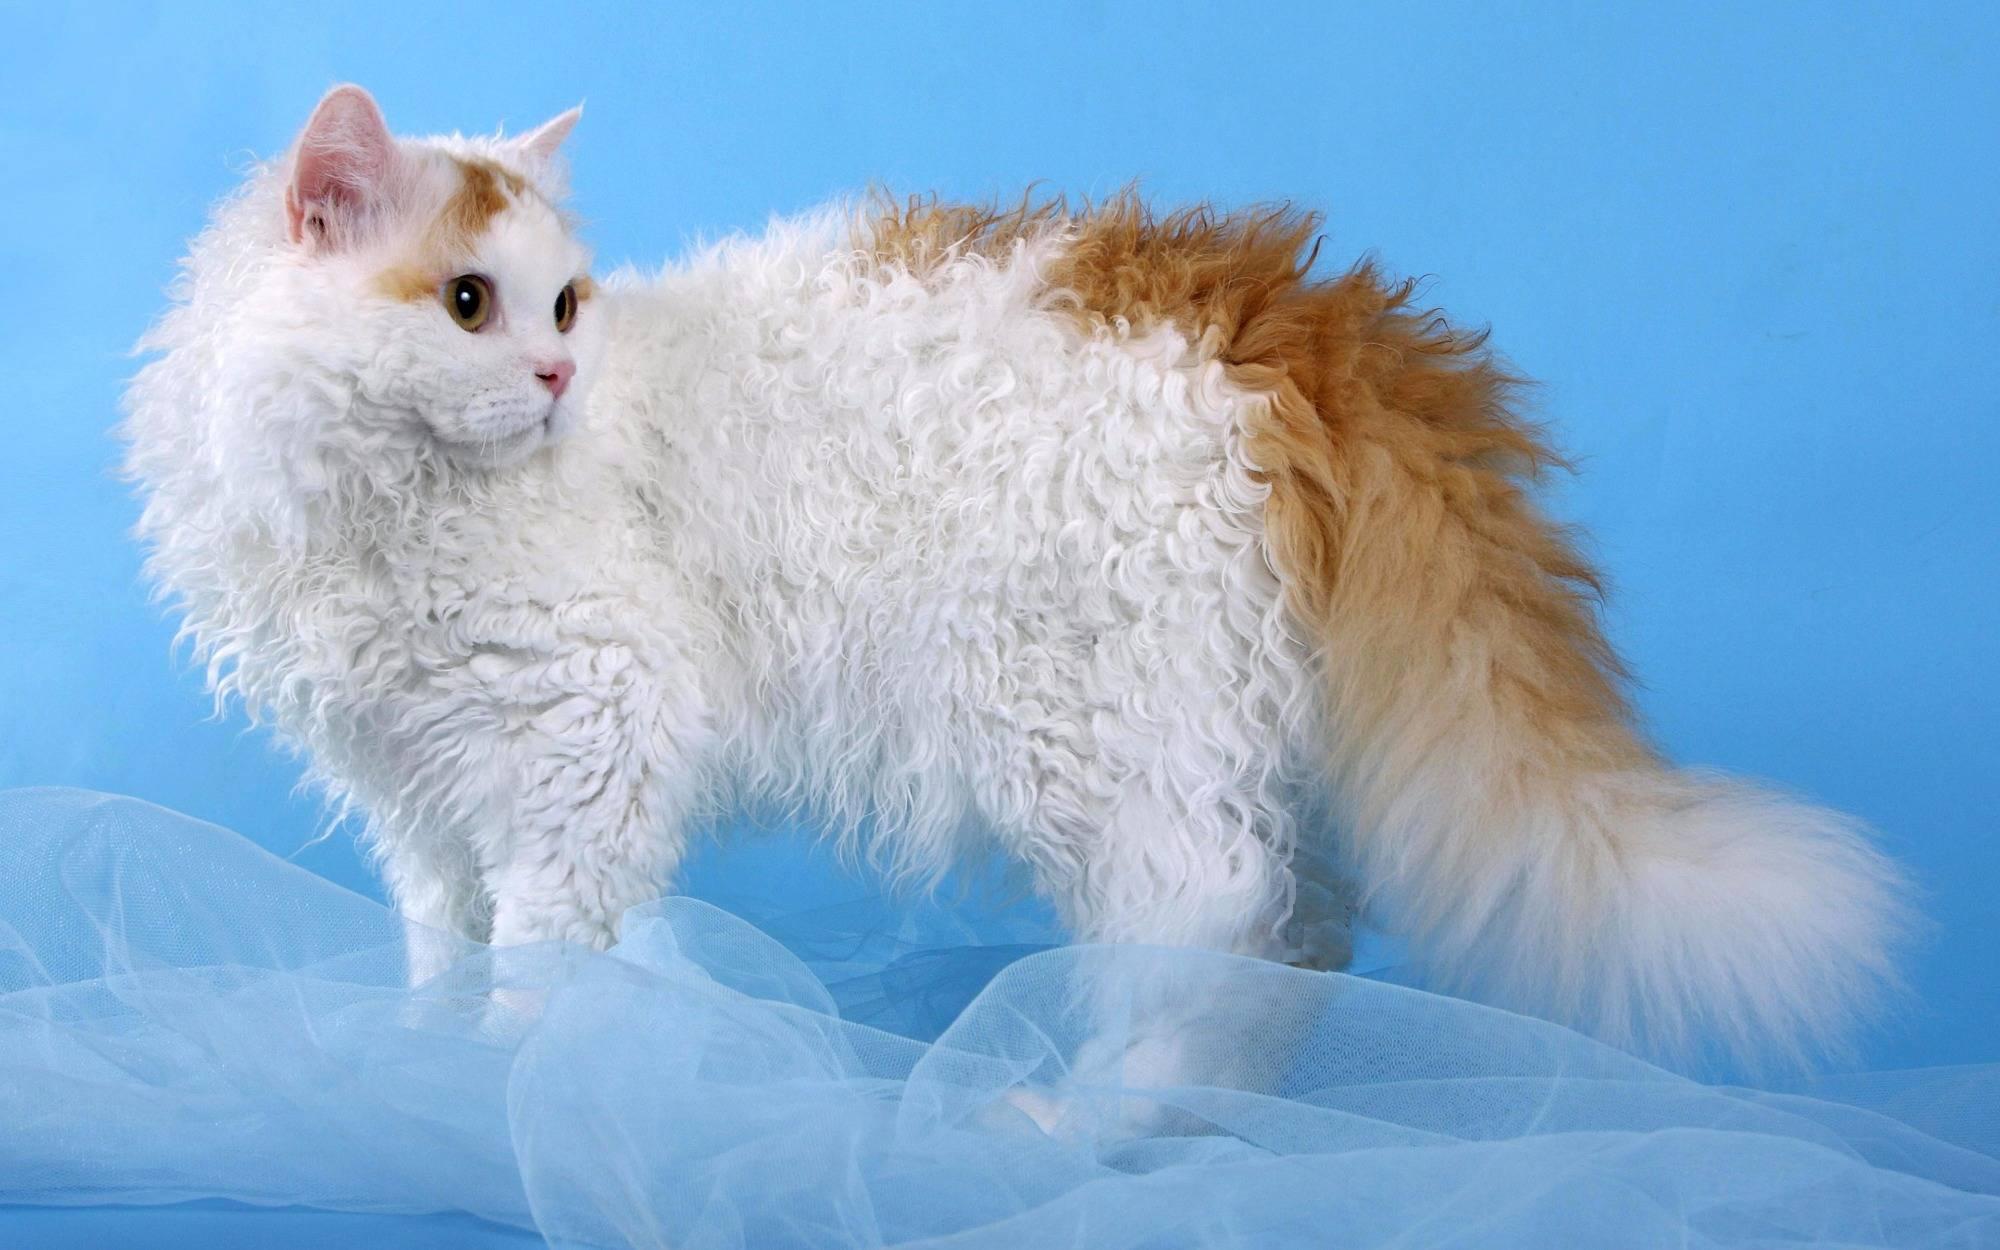 Ванские кошки: фото и характеристики породы, какова цена турецкого вана в россии